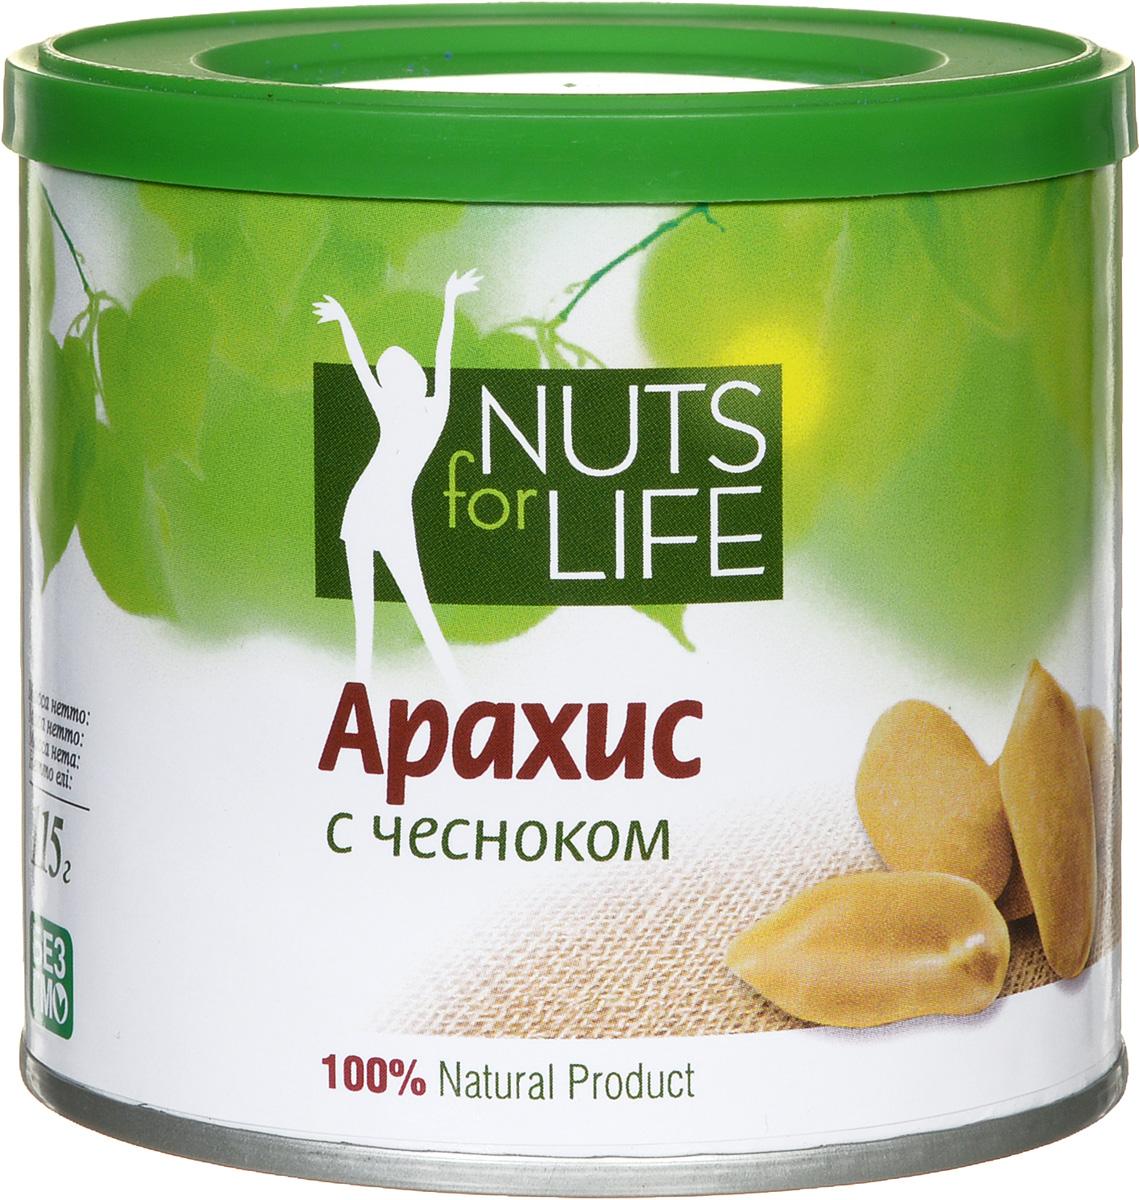 Nuts for Life Арахис обжаренный соленый с чесноком, 115 г0120710Приятный вкус жареного арахиса с морской солью и натуральными сушеным чесноком не оставит вас равнодушными!